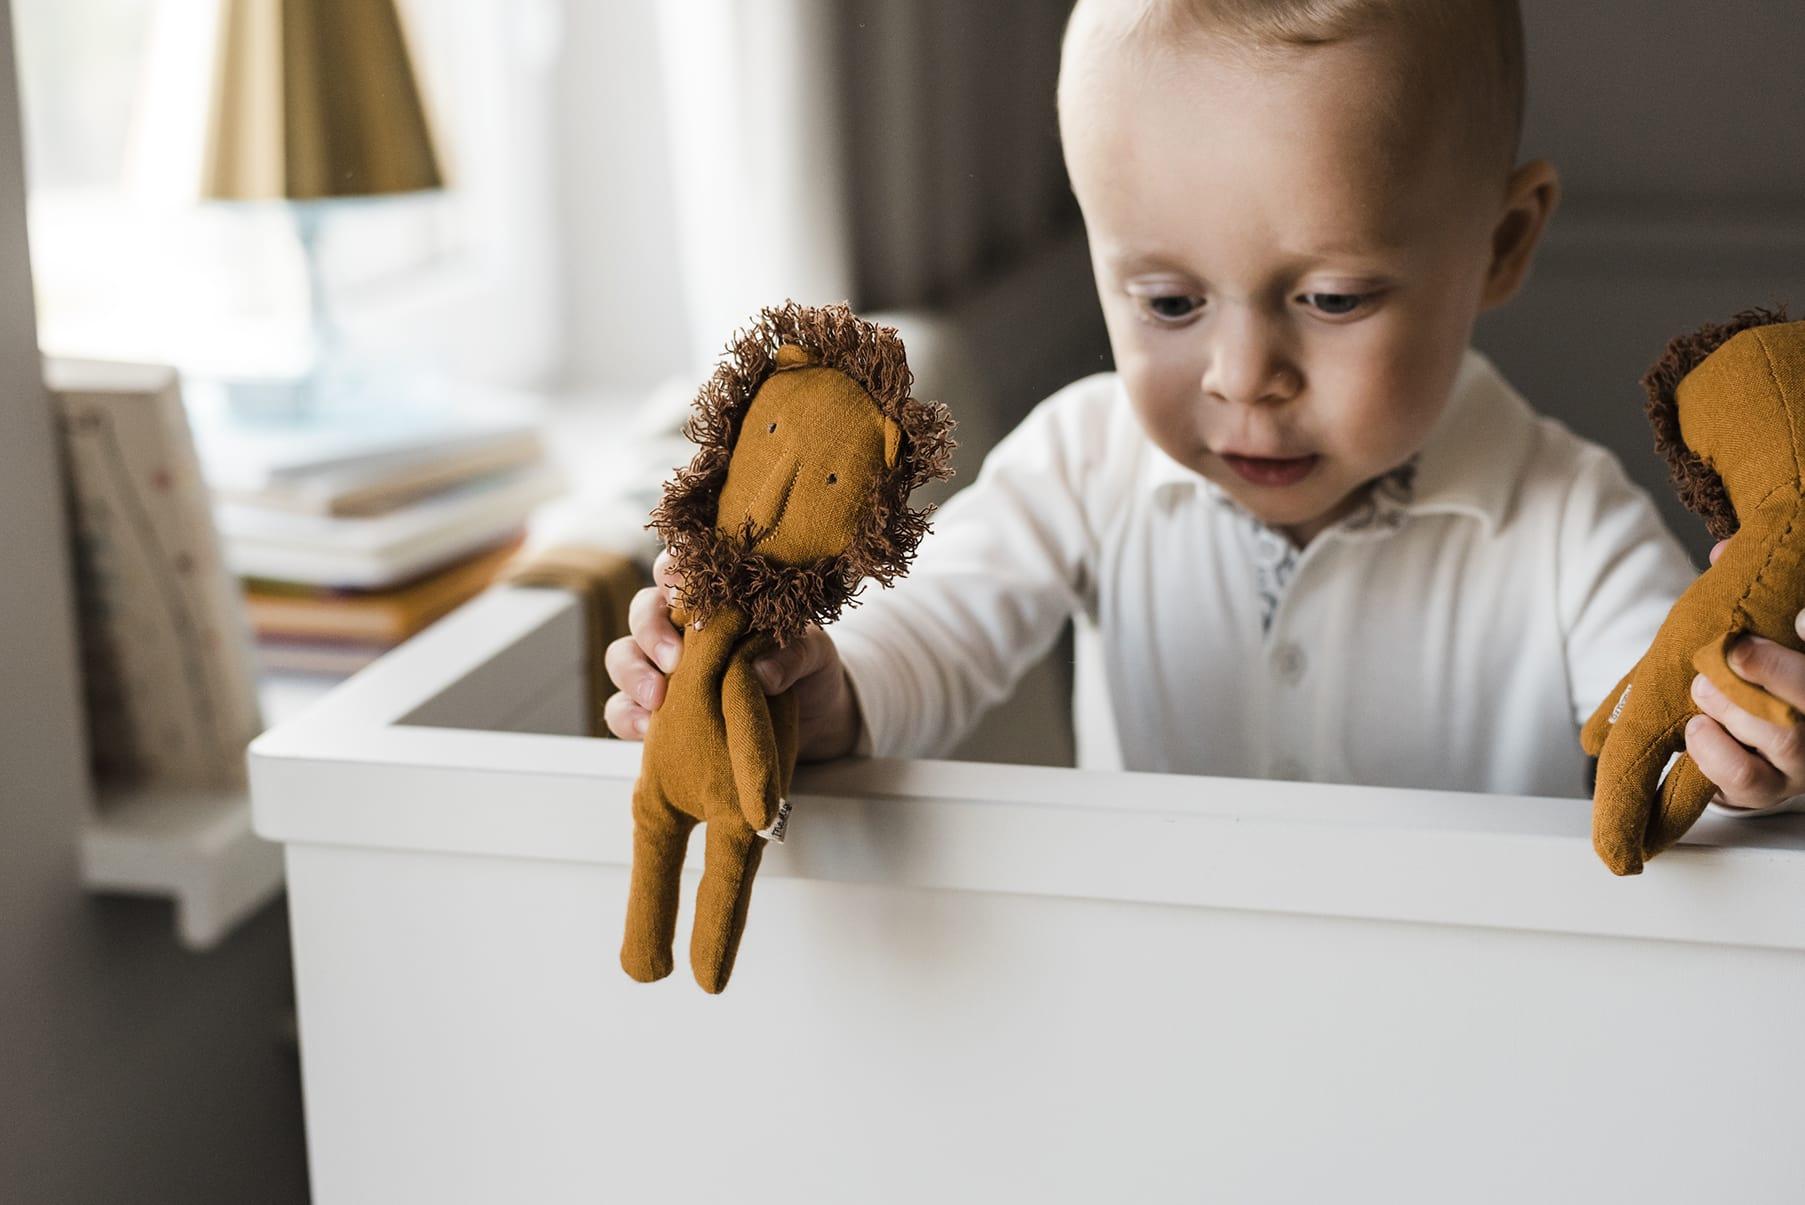 pokoik dla chłopca - aranżacja pokoju dziecka